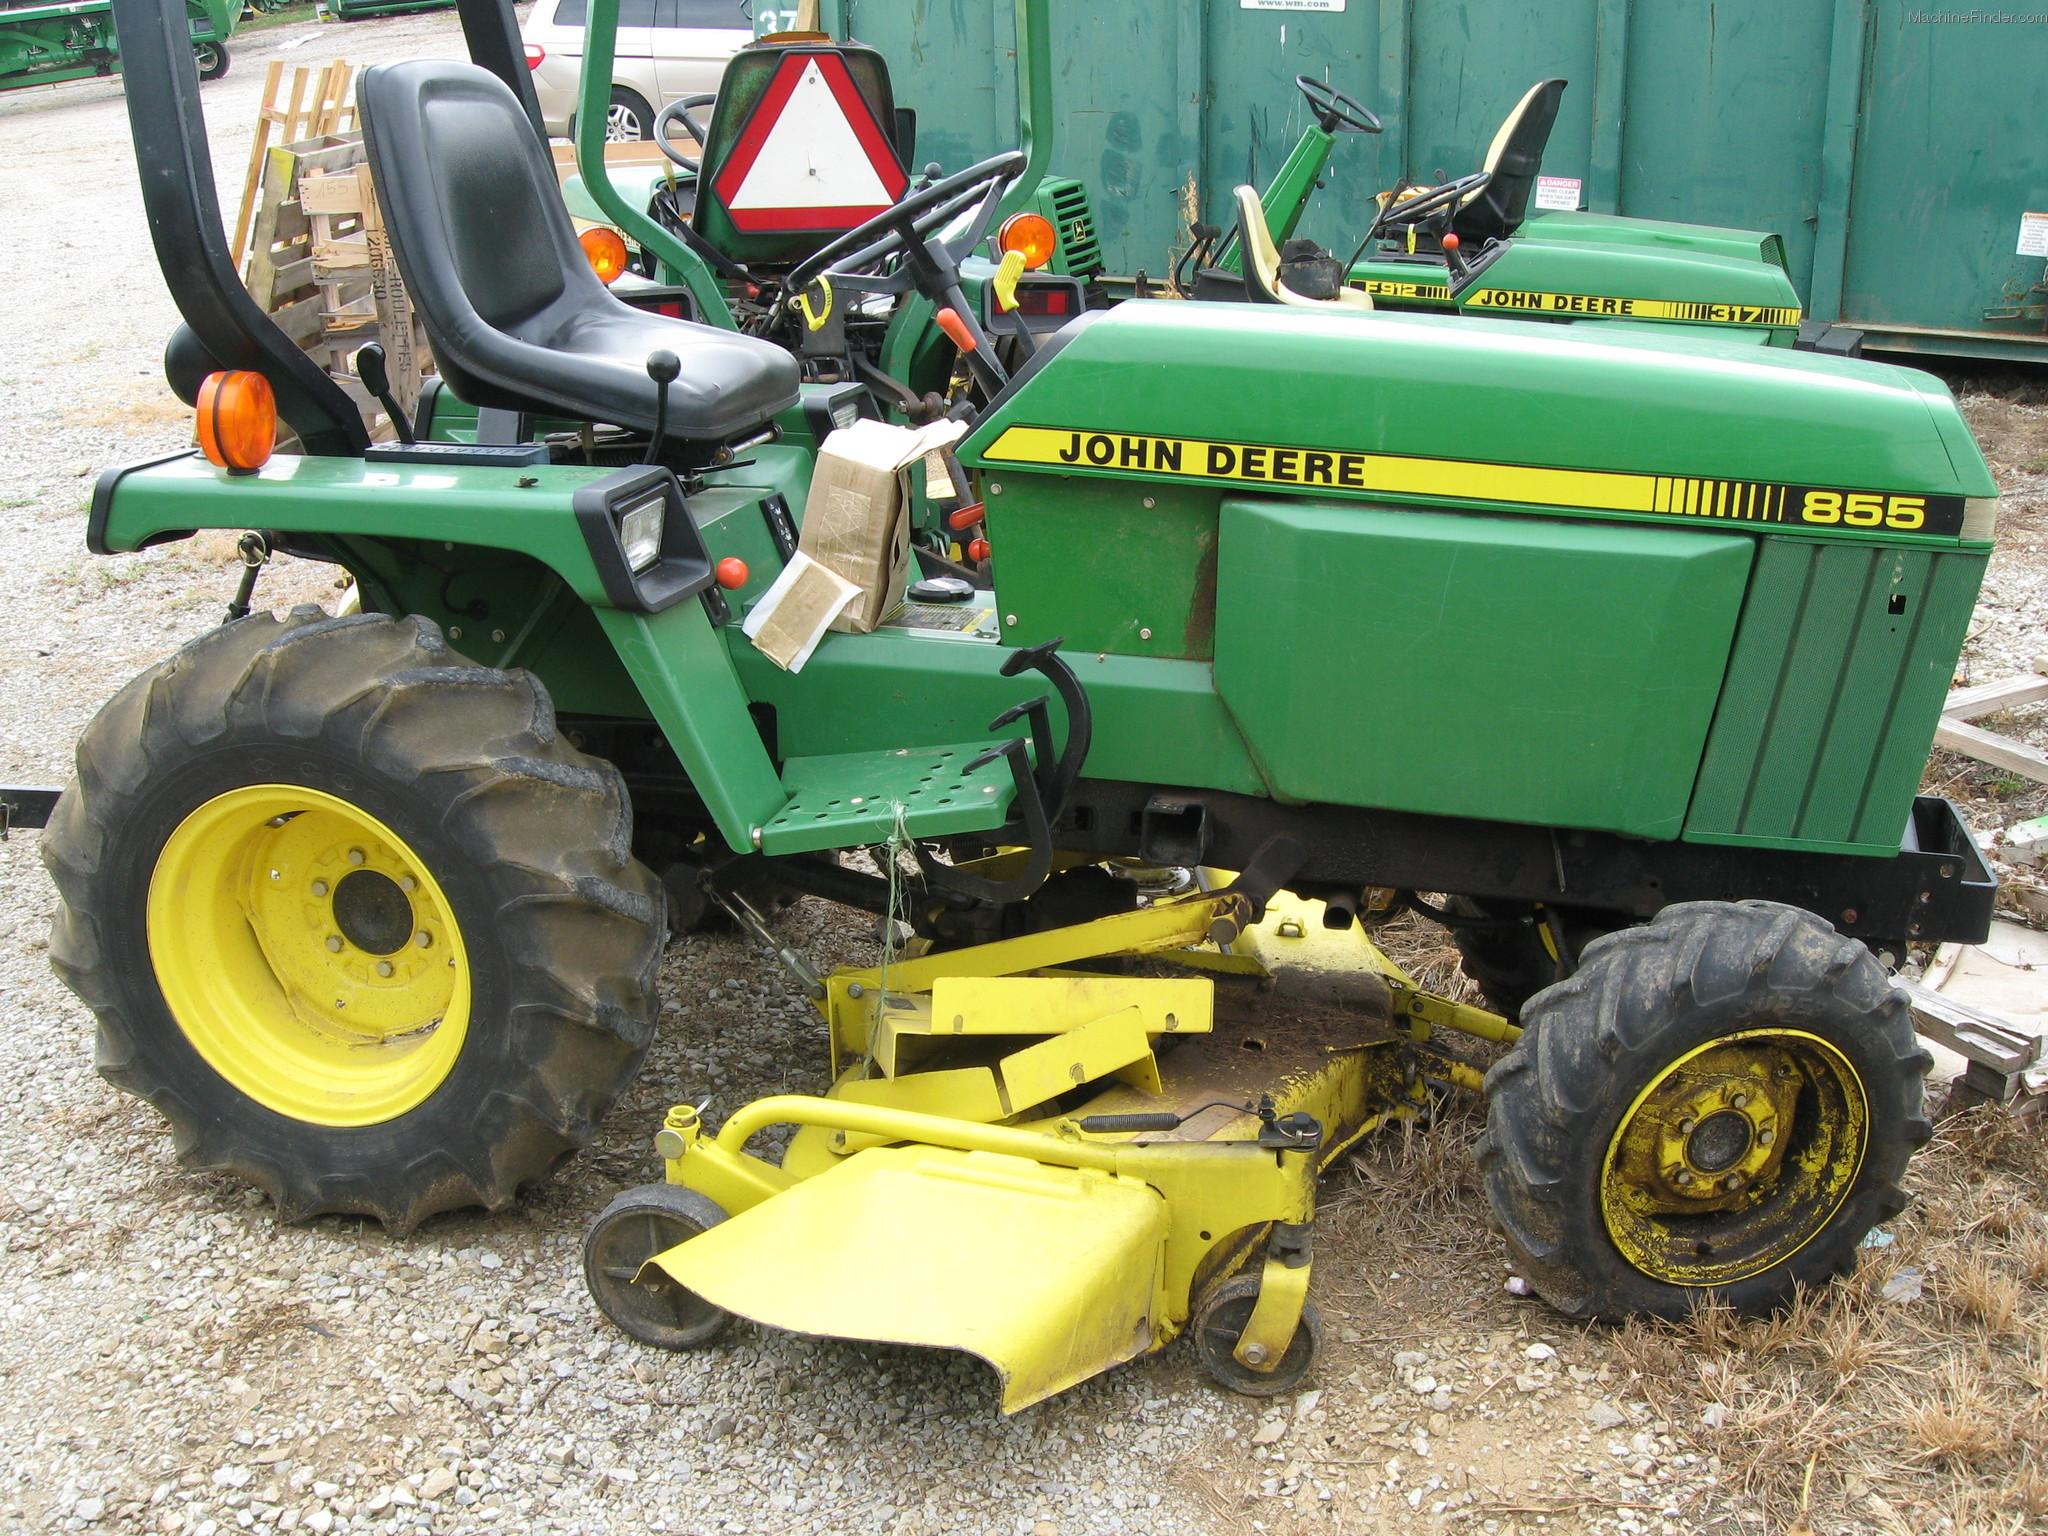 1986 John Deere 855 Tractors - Compact (1-40hp.) -